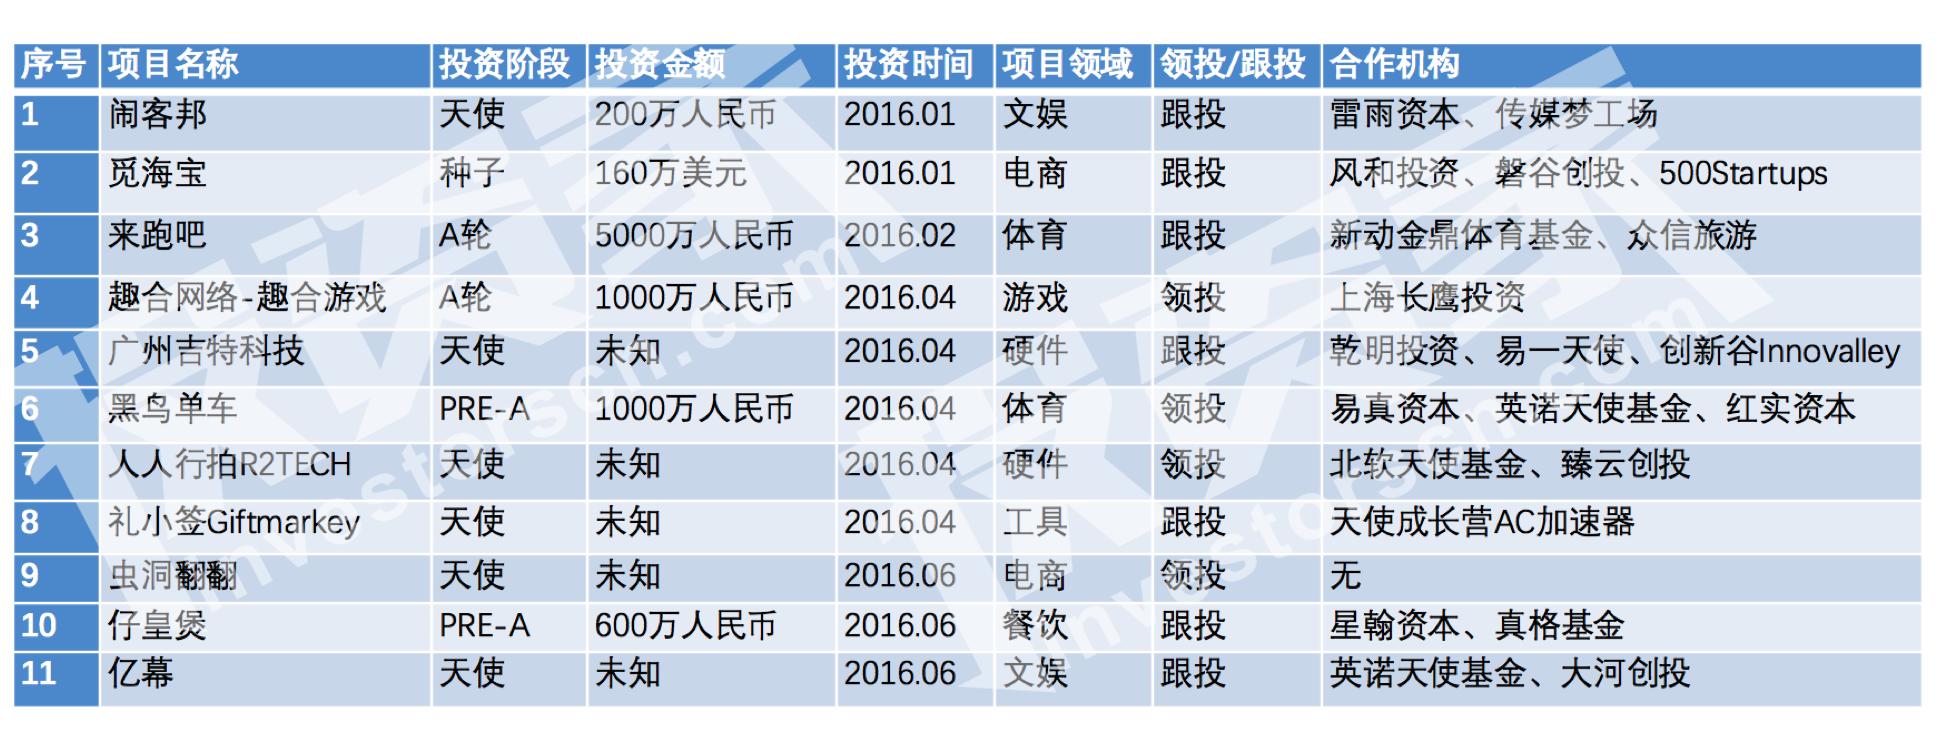 """老鹰基金刘小鹰:与李宁关系""""密切""""  不关注一流和三流的项目   投资家100人物系列报道"""